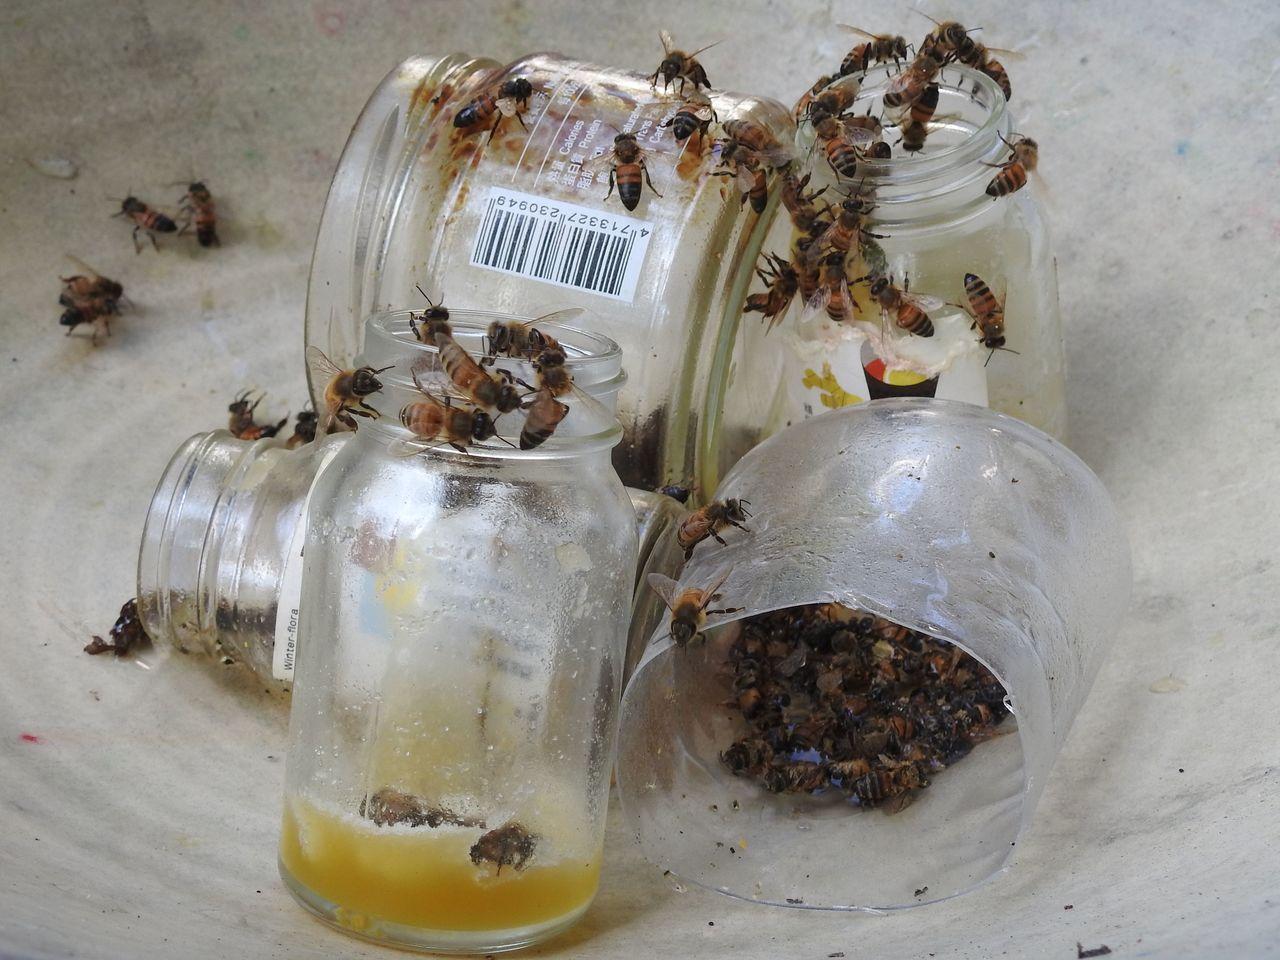 埔里蜜蜂近期遭受農藥傷害卻沒停損點,就算蜂農拿蜜餵食,仍有不少蜜蜂體虛死亡。記者...